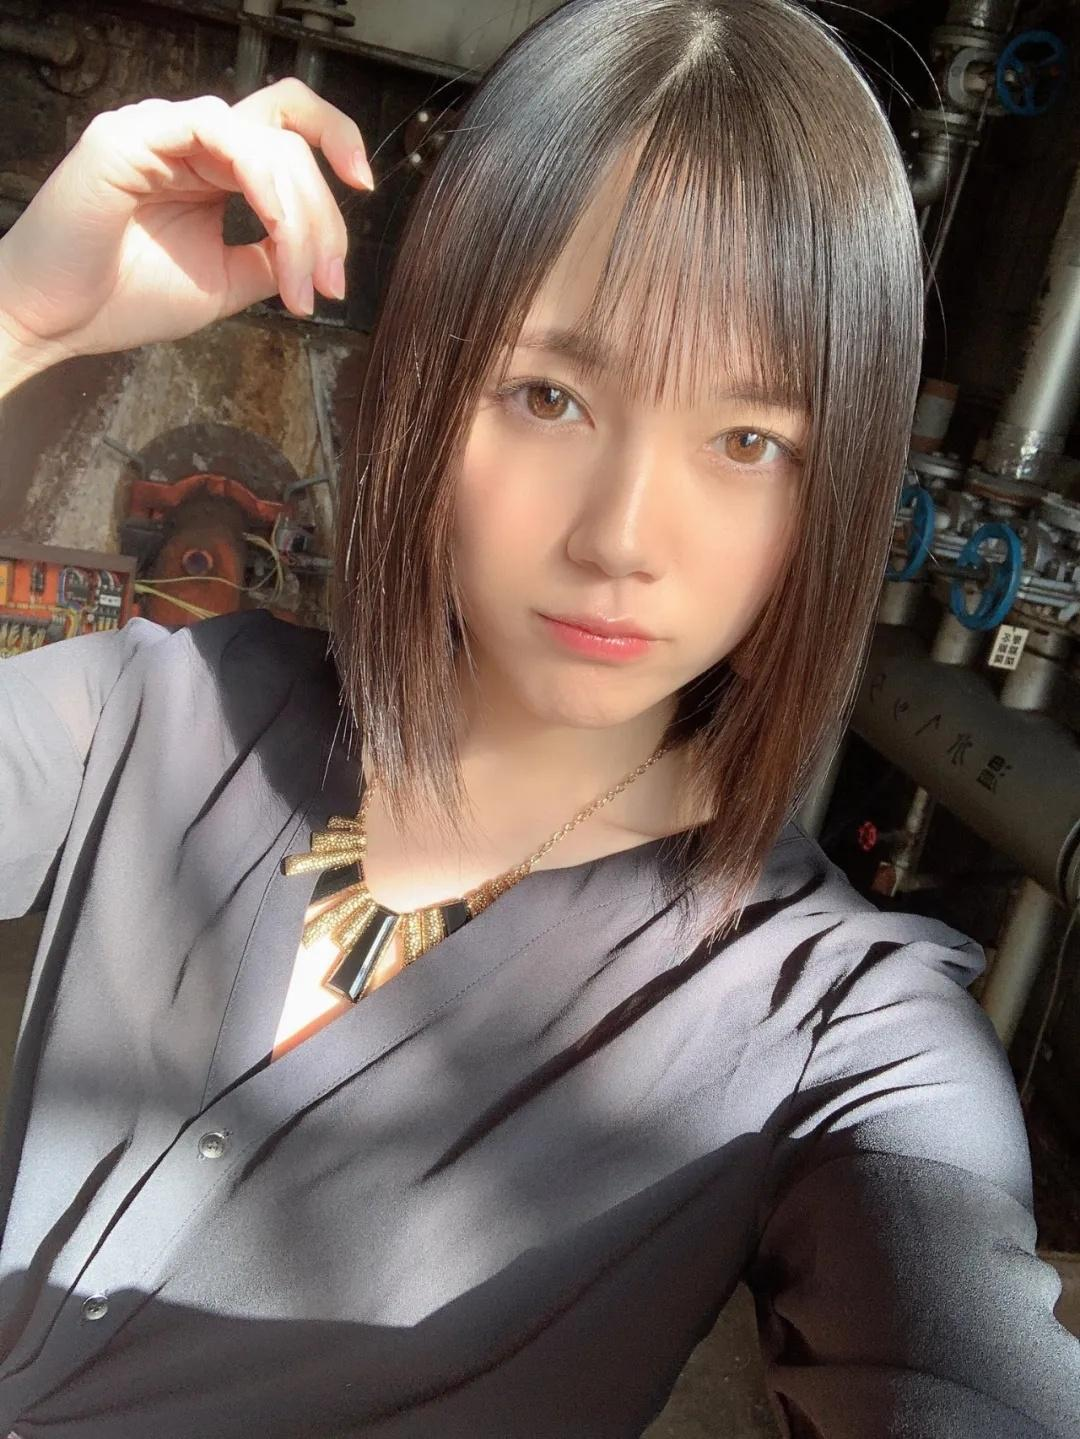 凉森玲梦(涼森れむ)Prestige(蚊香社)专属女演员